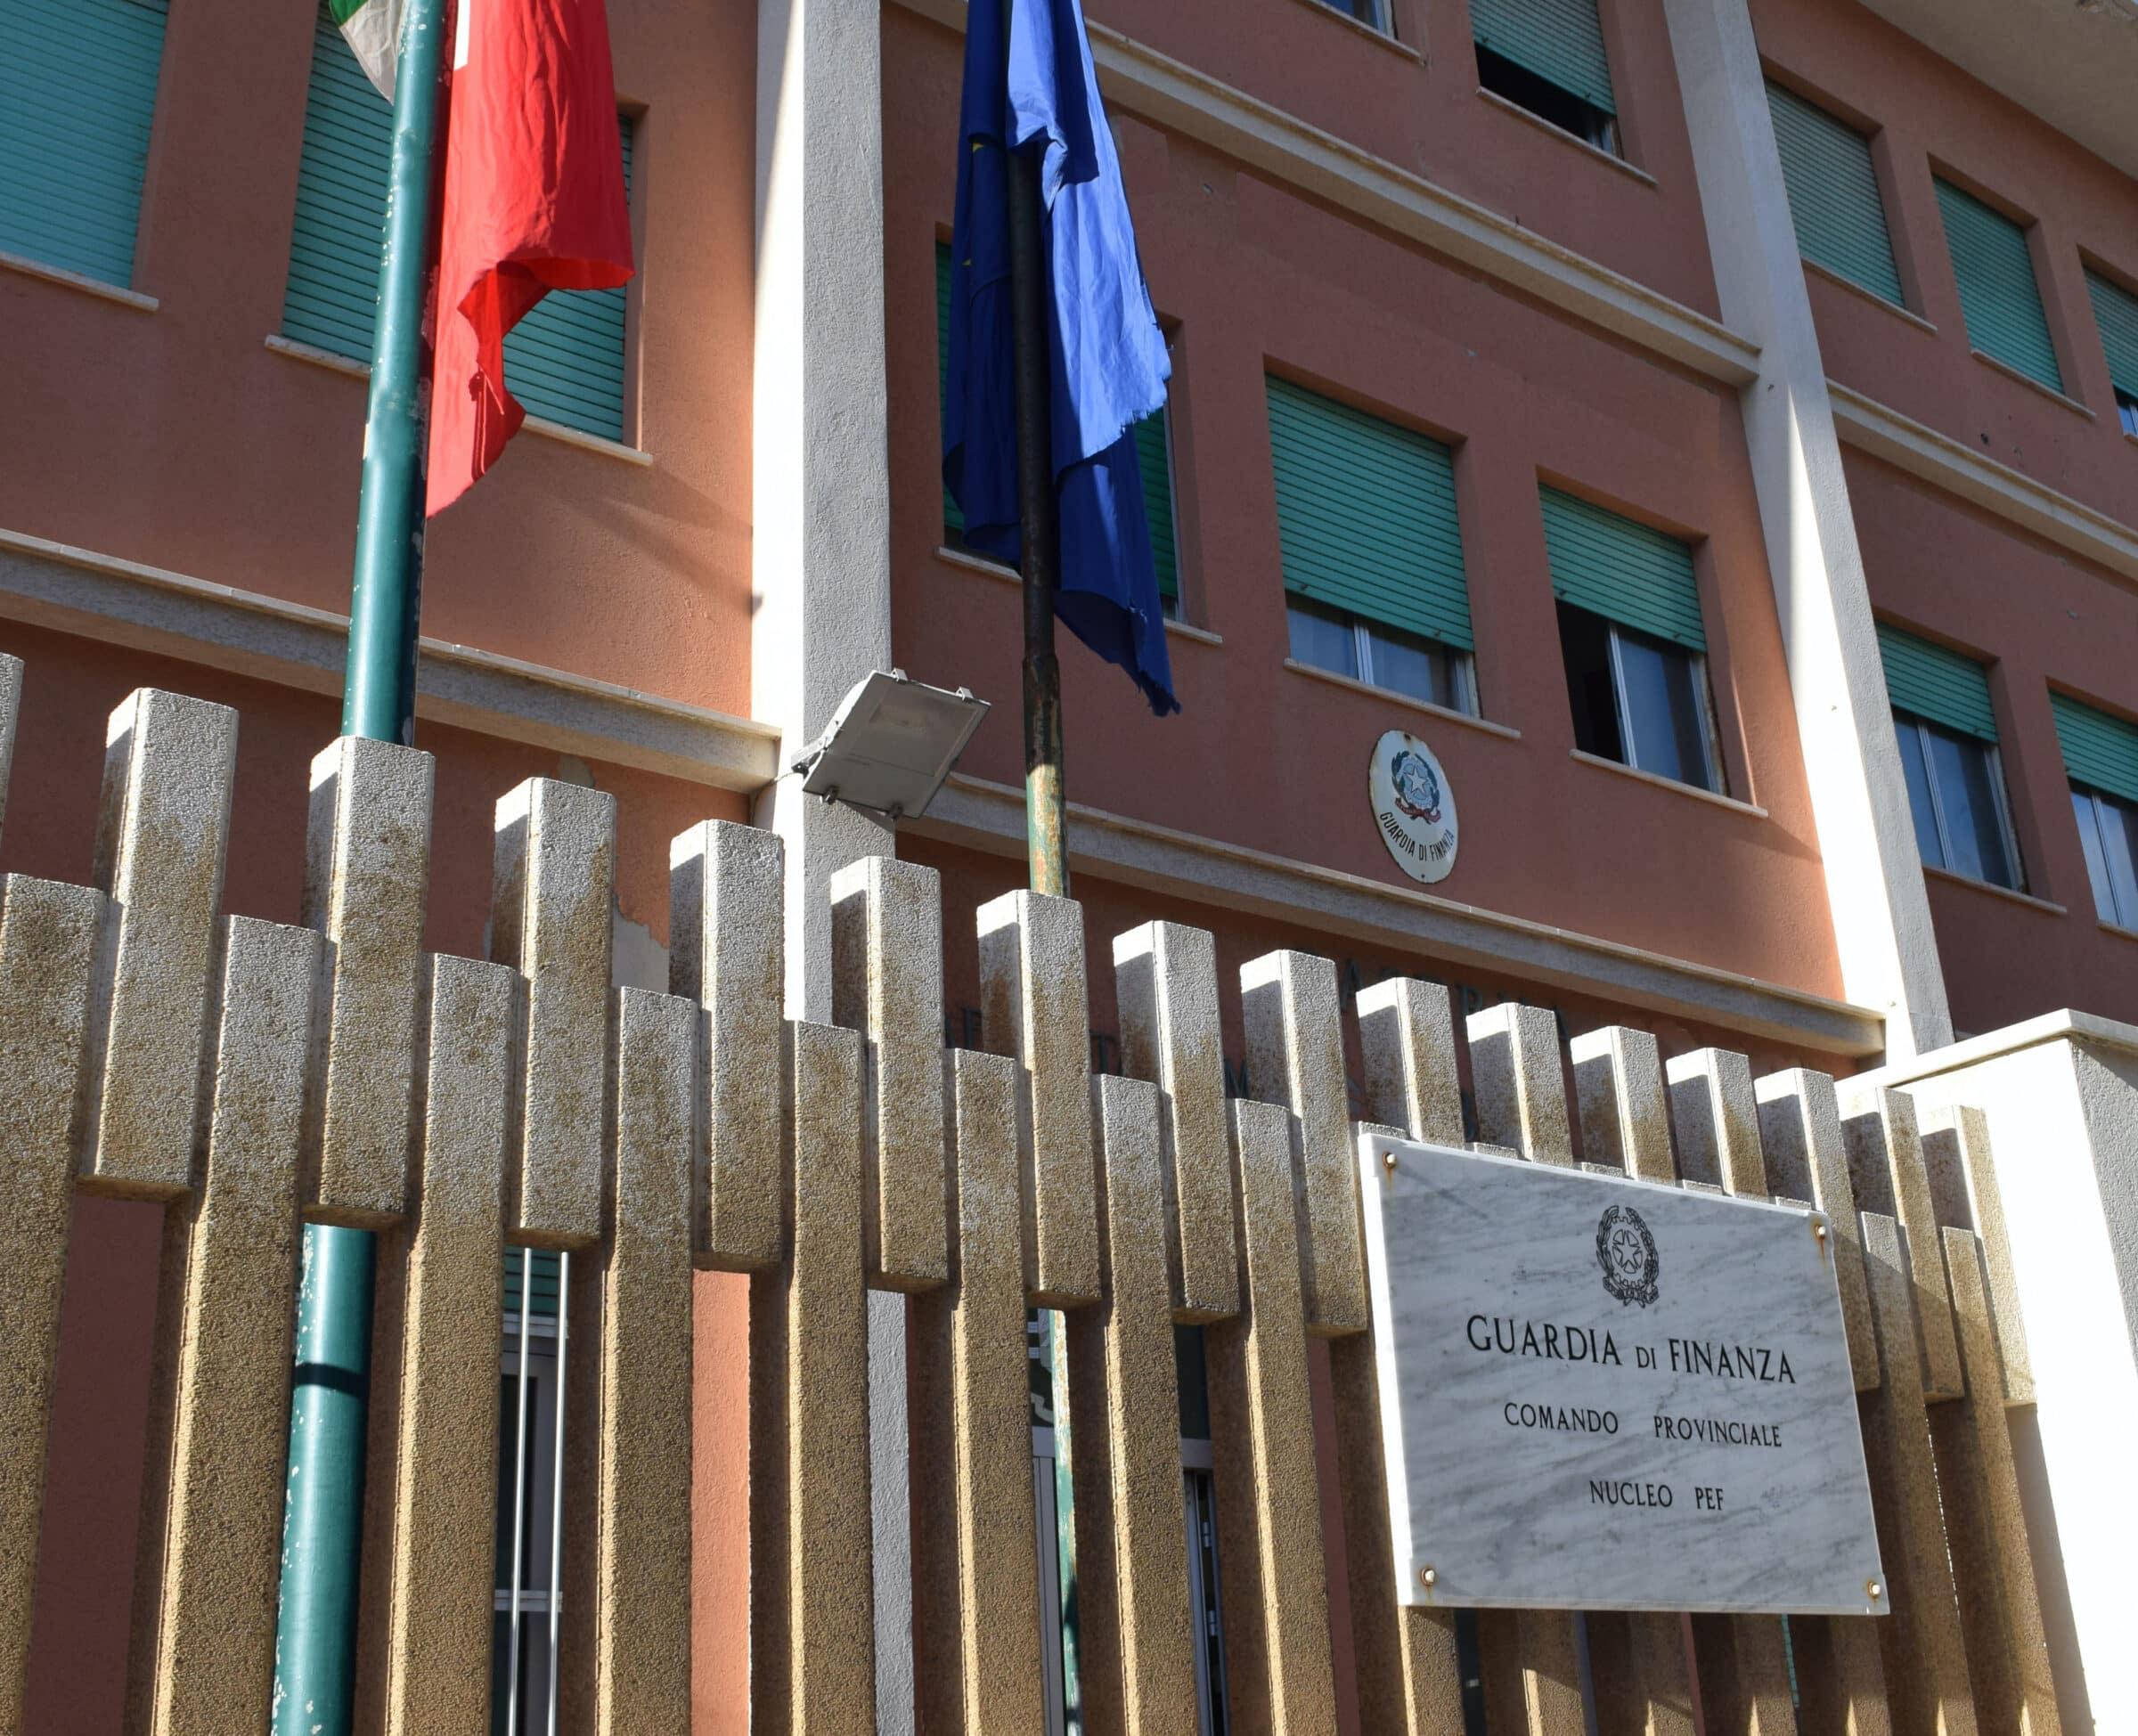 Frode all'Erario, Stato e UE da parte di un imprenditore di Marsala: sequestro per oltre 8 milioni di euro